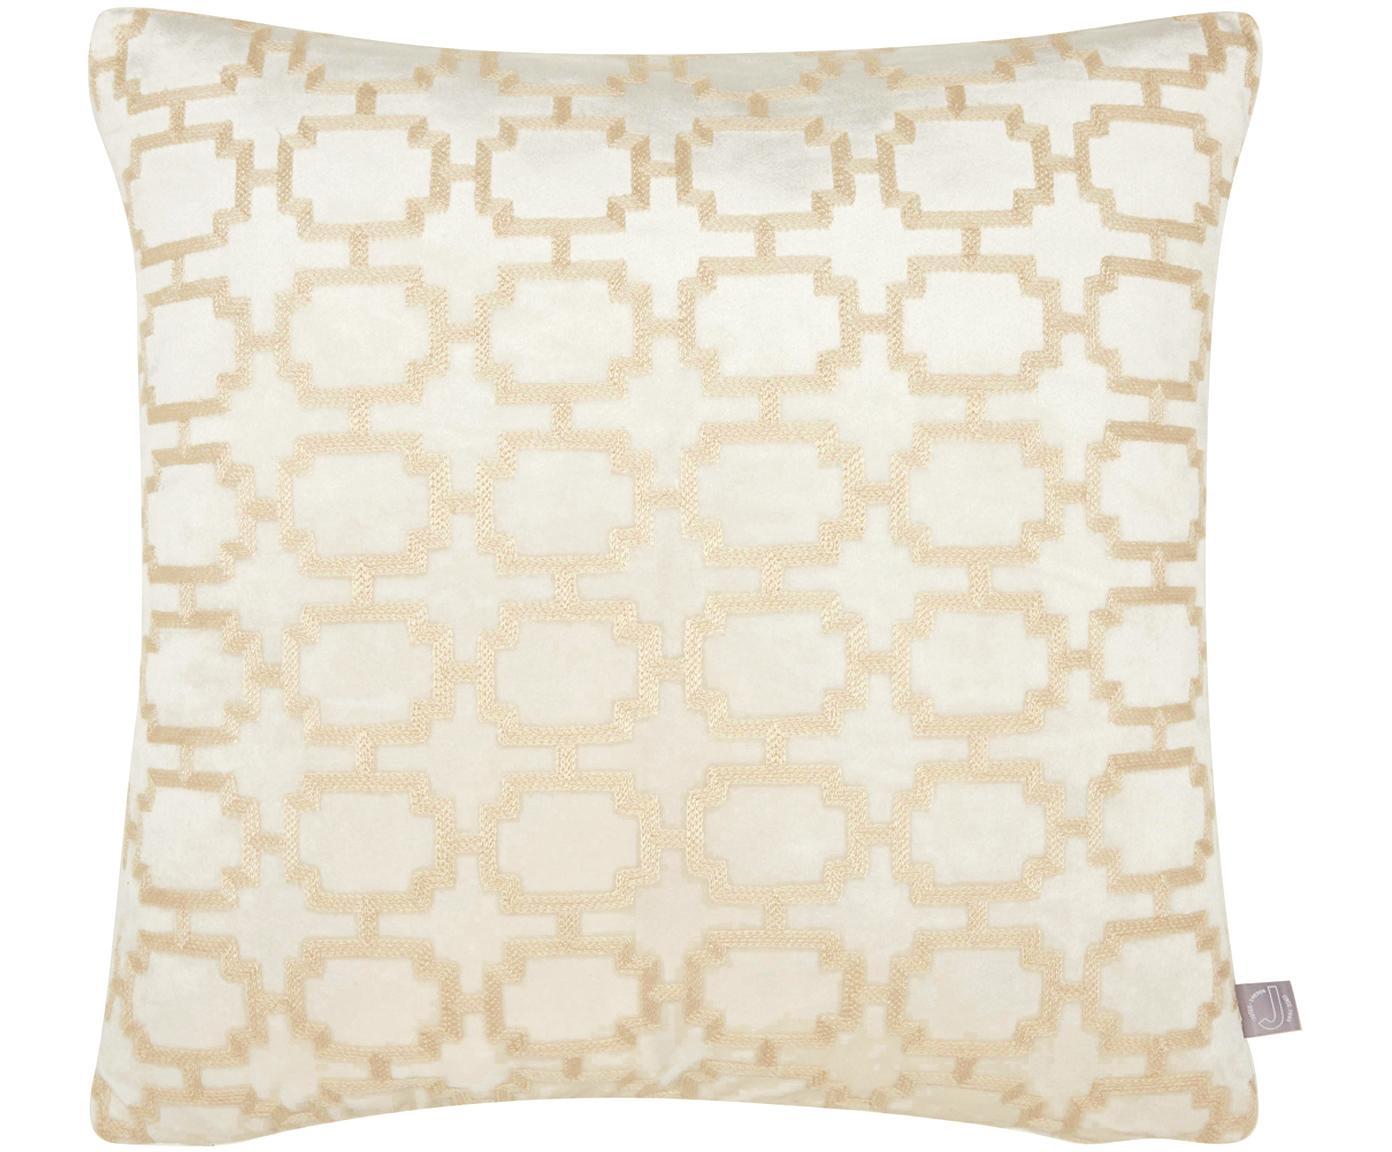 Funda de cojín bordada de terciopelo Simone, 100%terciopelo de poliéster, Blanco, An 43 x L 43 cm